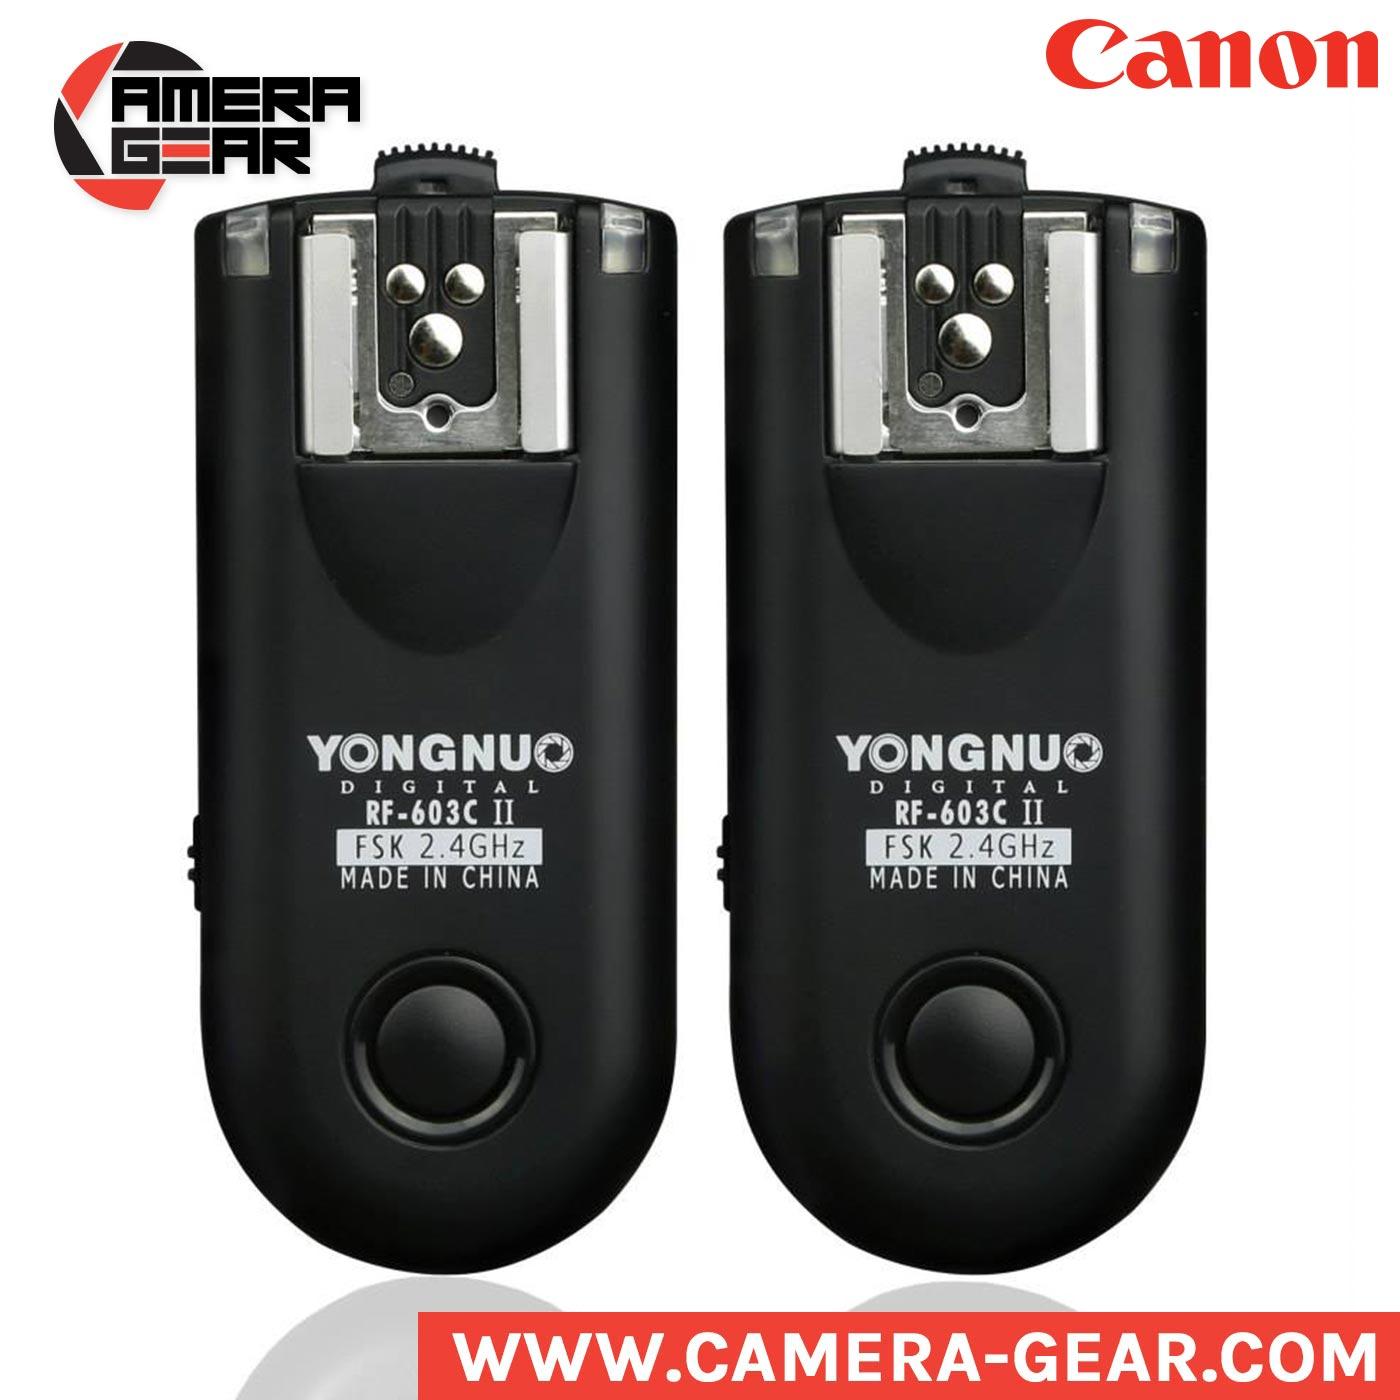 Yongnuo Rf 603c Ii Flash Radio Triggers For Canon